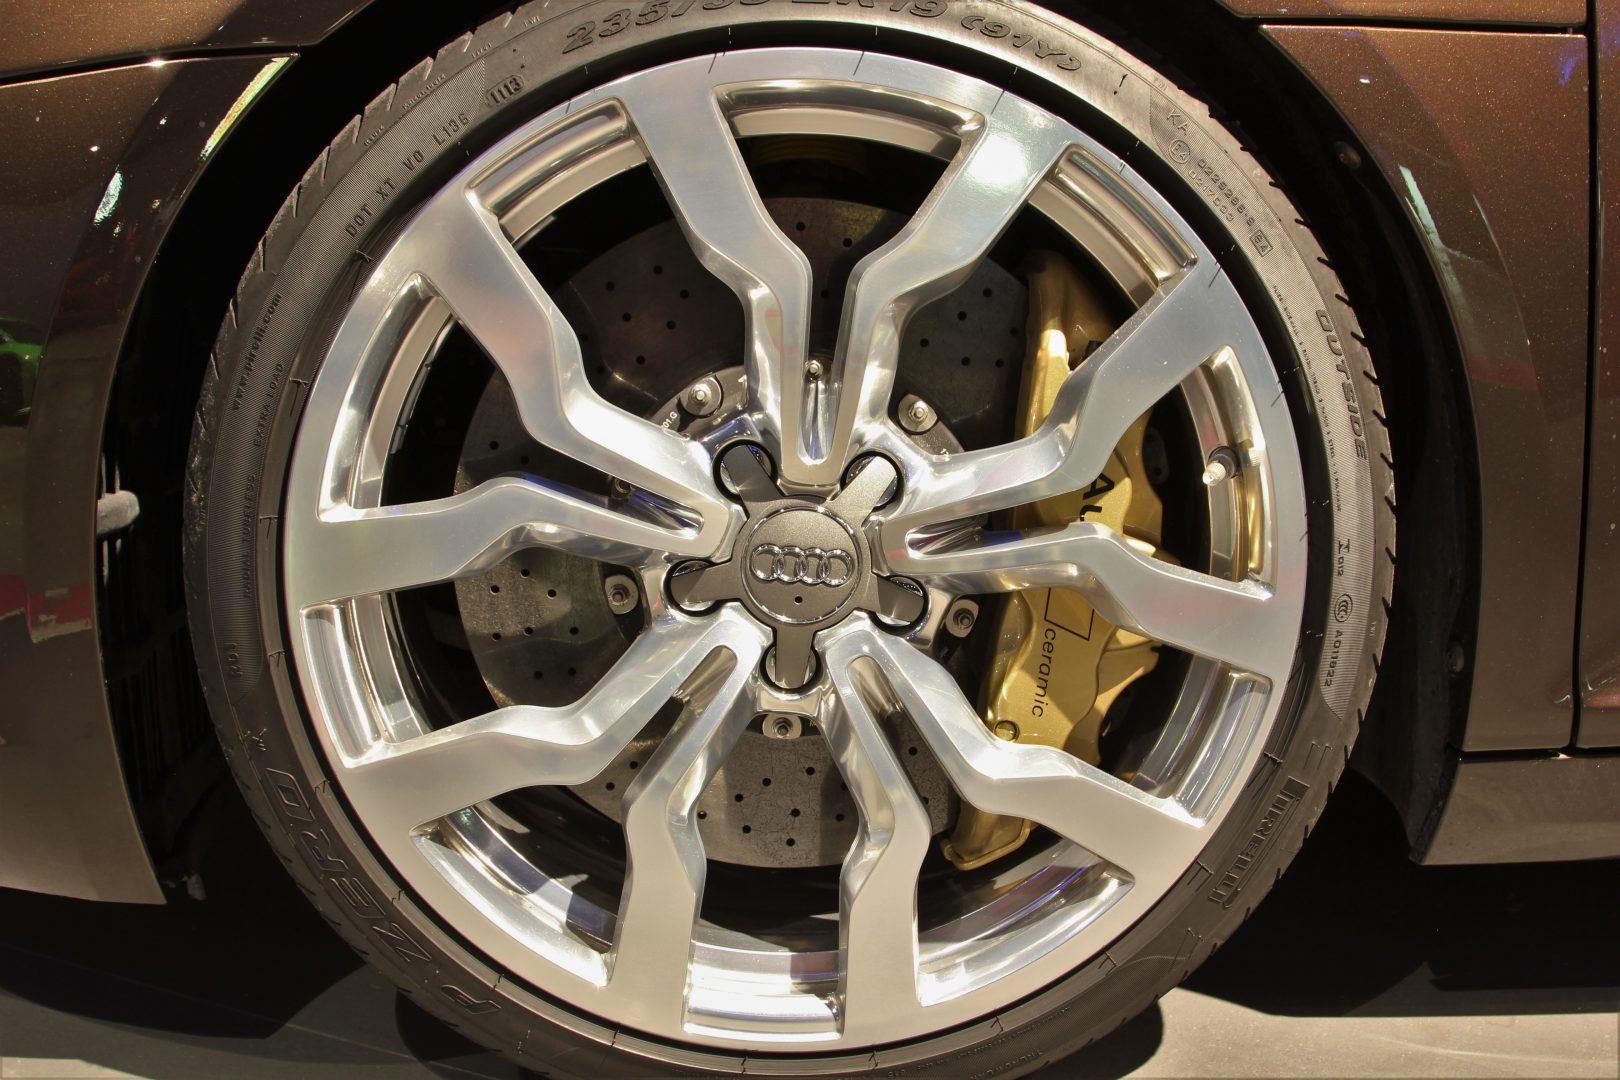 AIL Audi R8 Spyder V10 Exclusiv Paket Bi-color 7